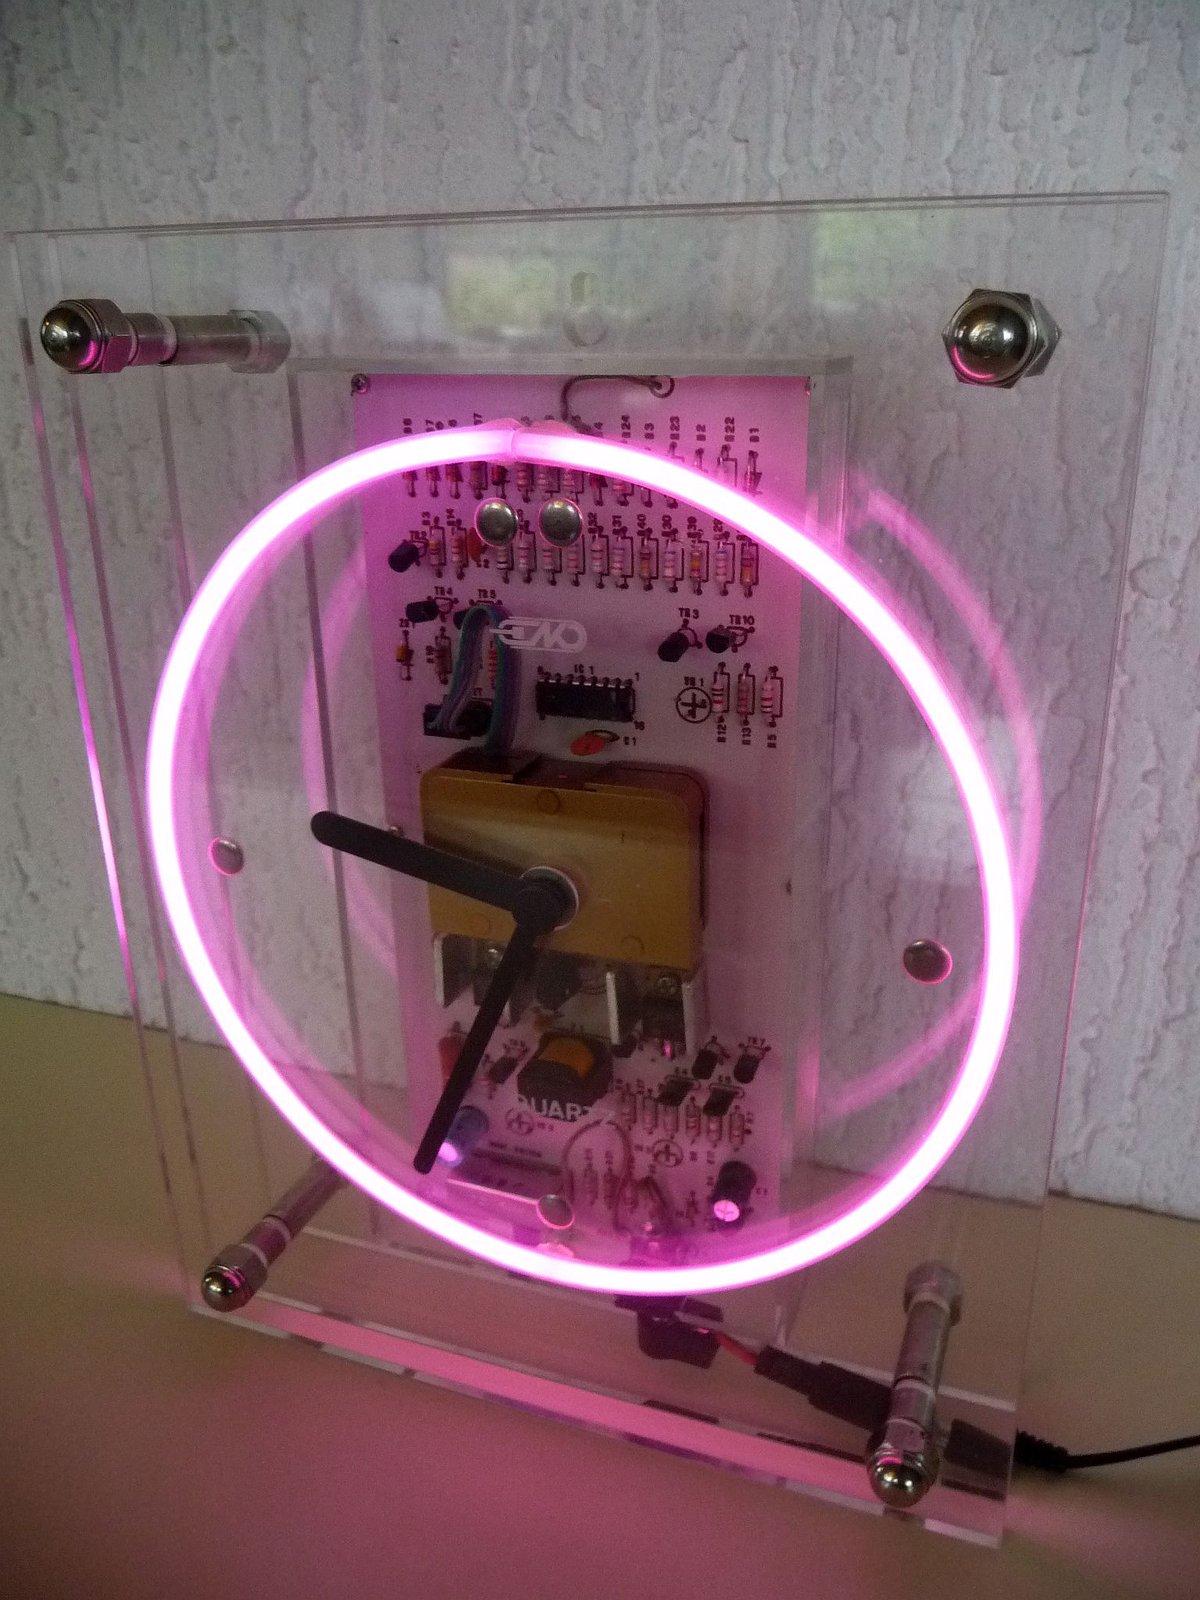 quarzuhr hinter plexiglas mit neon sekunden kreis uhrforum. Black Bedroom Furniture Sets. Home Design Ideas